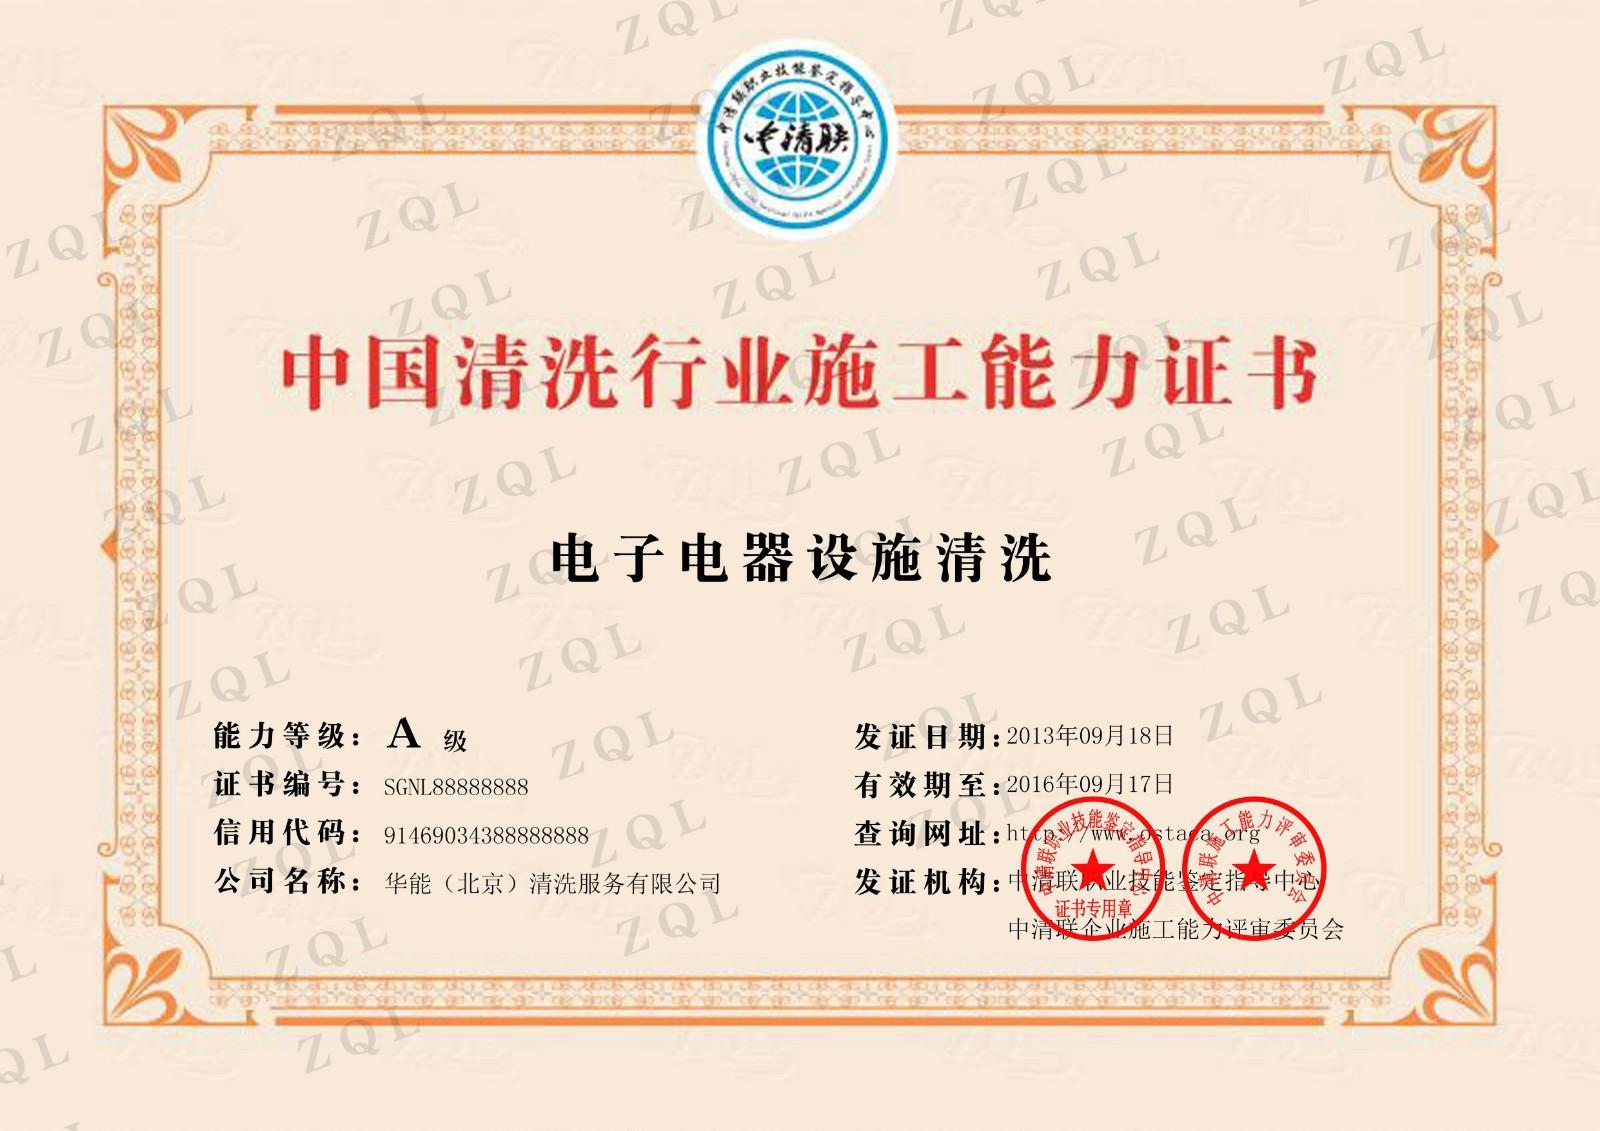 松原鋼結構除銹刷漆公司(可靠)_新聞中心_江蘇奧圣高空工程有限公司